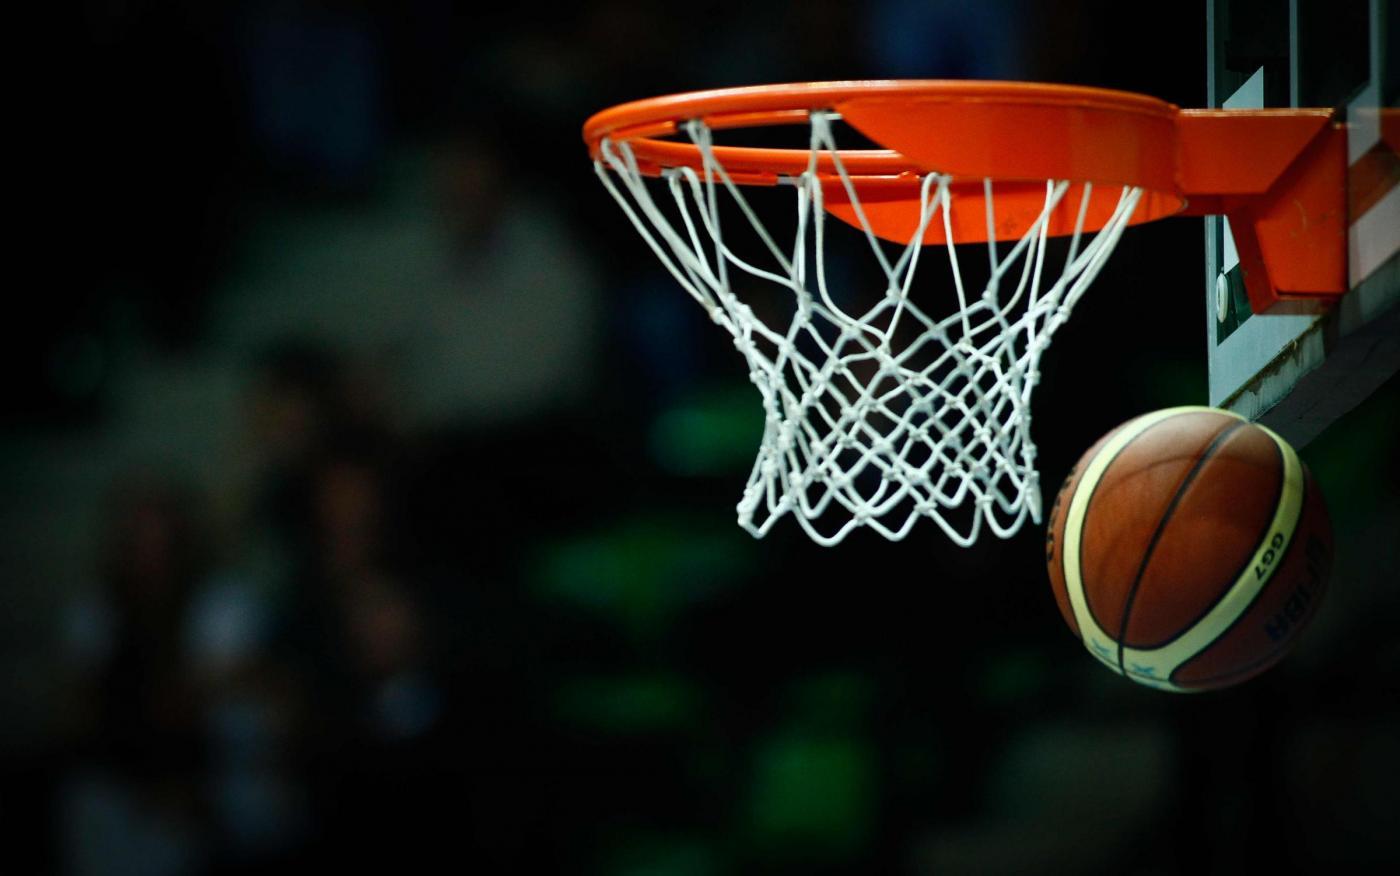 Basket l 39 olimpia milano vola negli usa super sfida - Immagini stampabili di pallacanestro ...